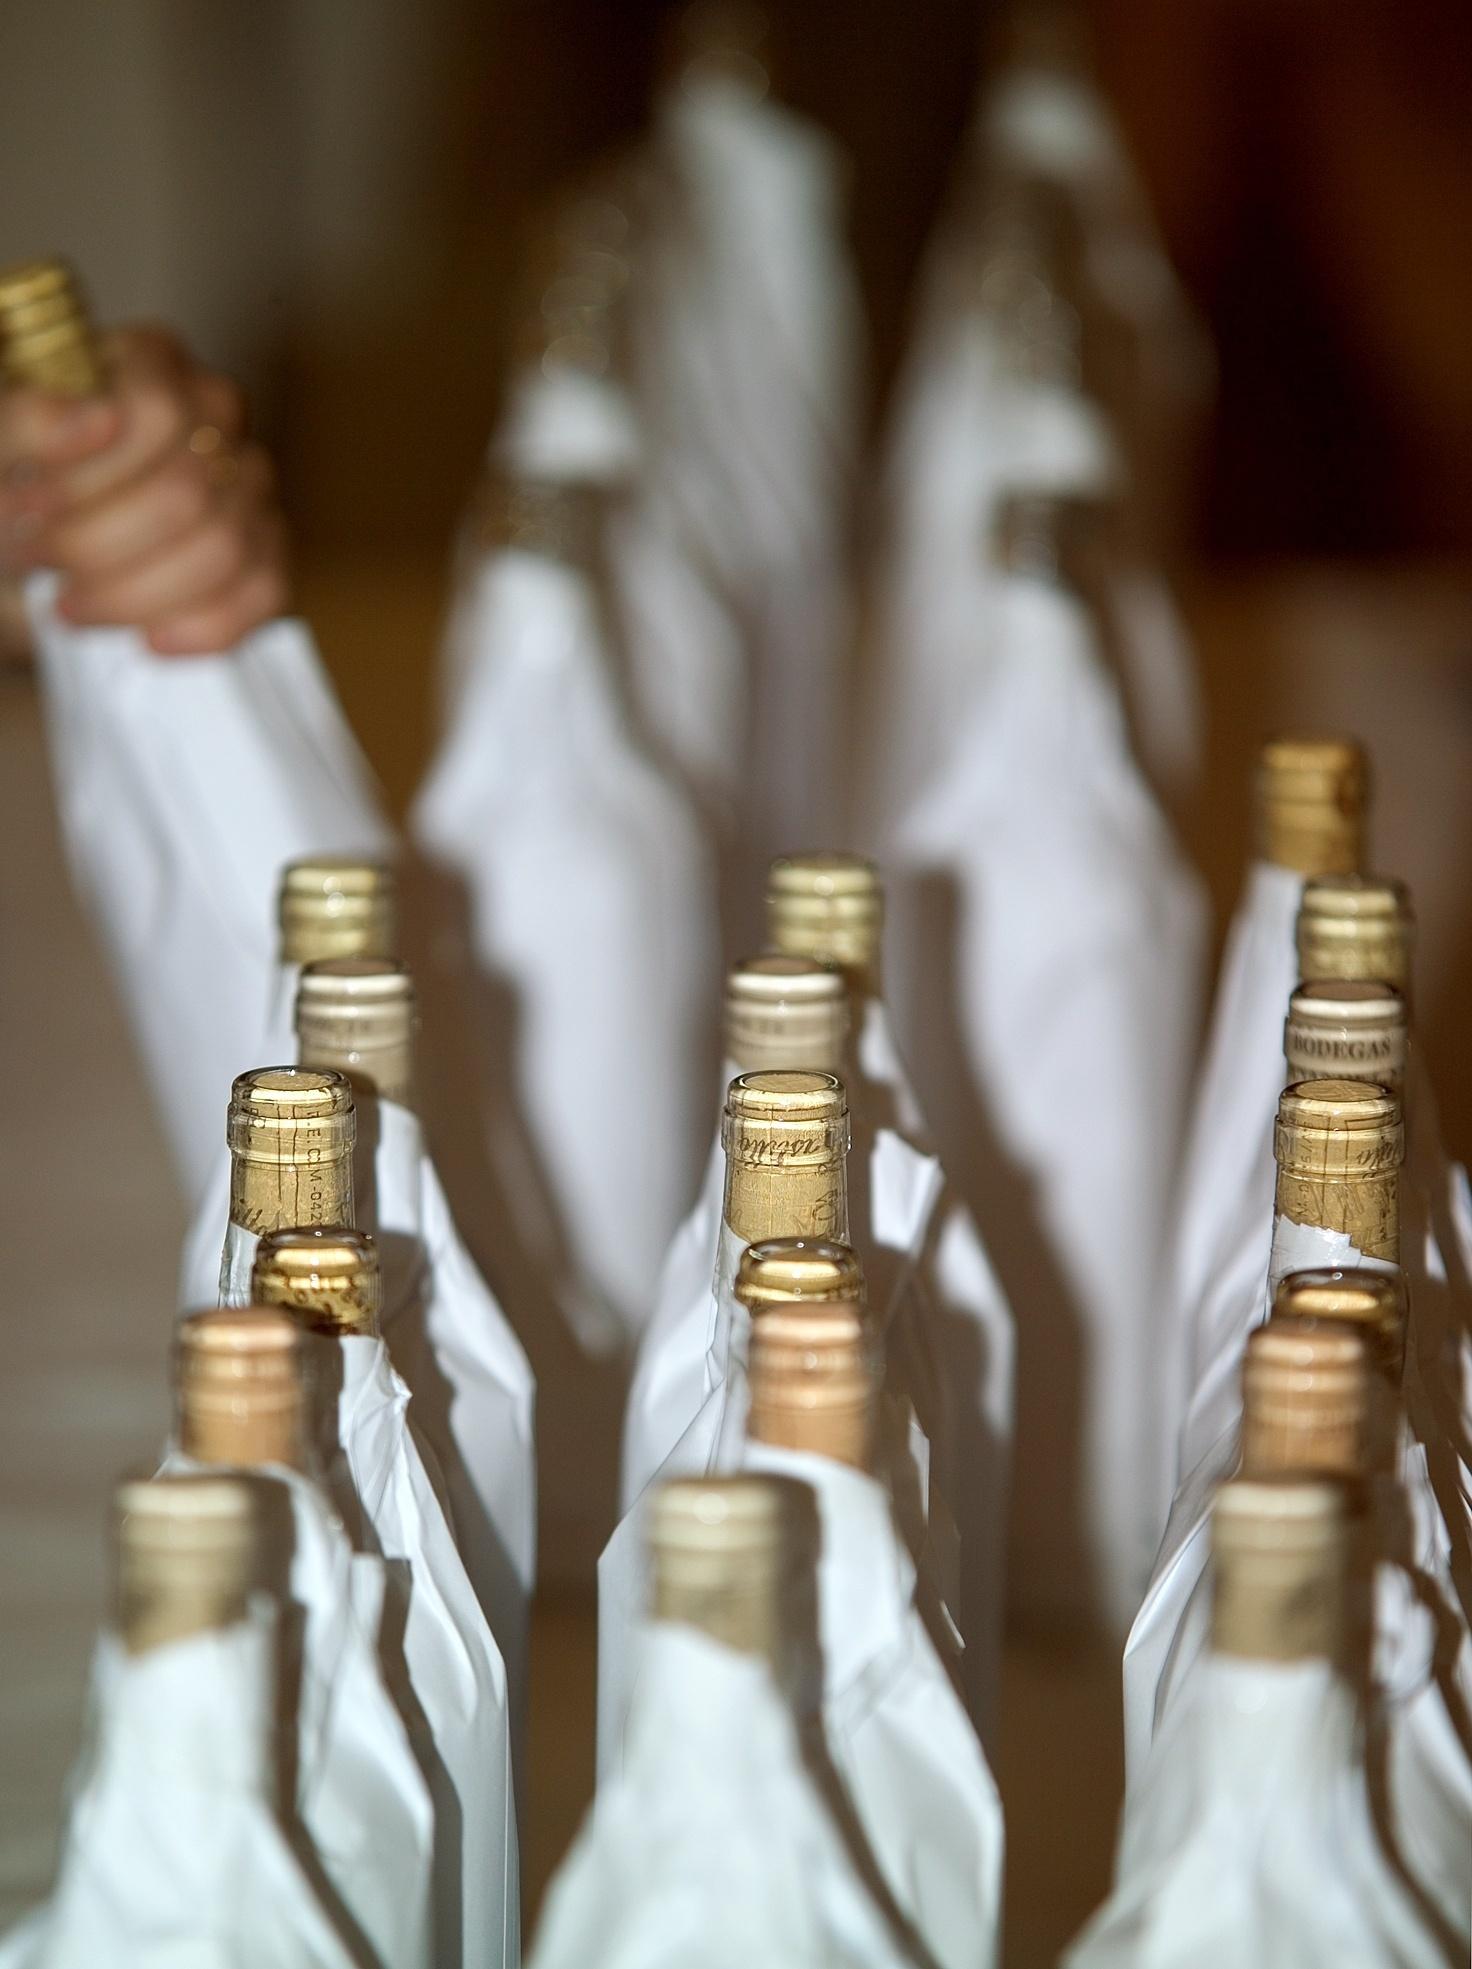 Las ventas en Exportación de vinos DOP Jumilla crecen un 14% en la campaña 2012/13